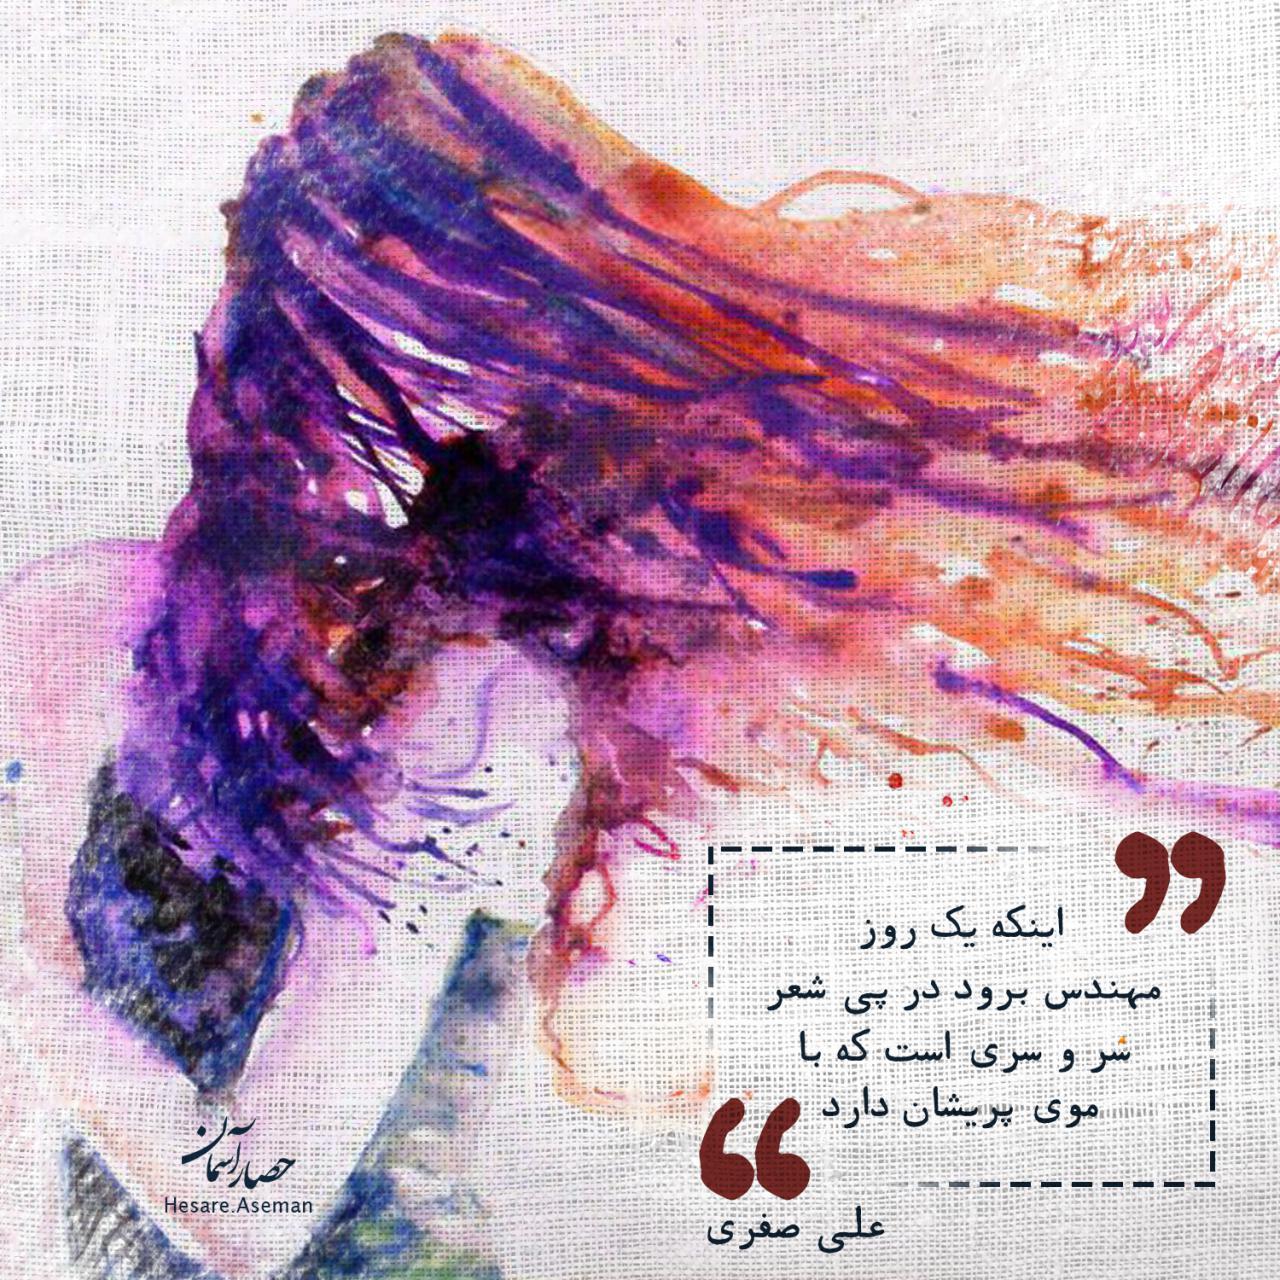 زندگی درد قشنگیست که جریان دارد